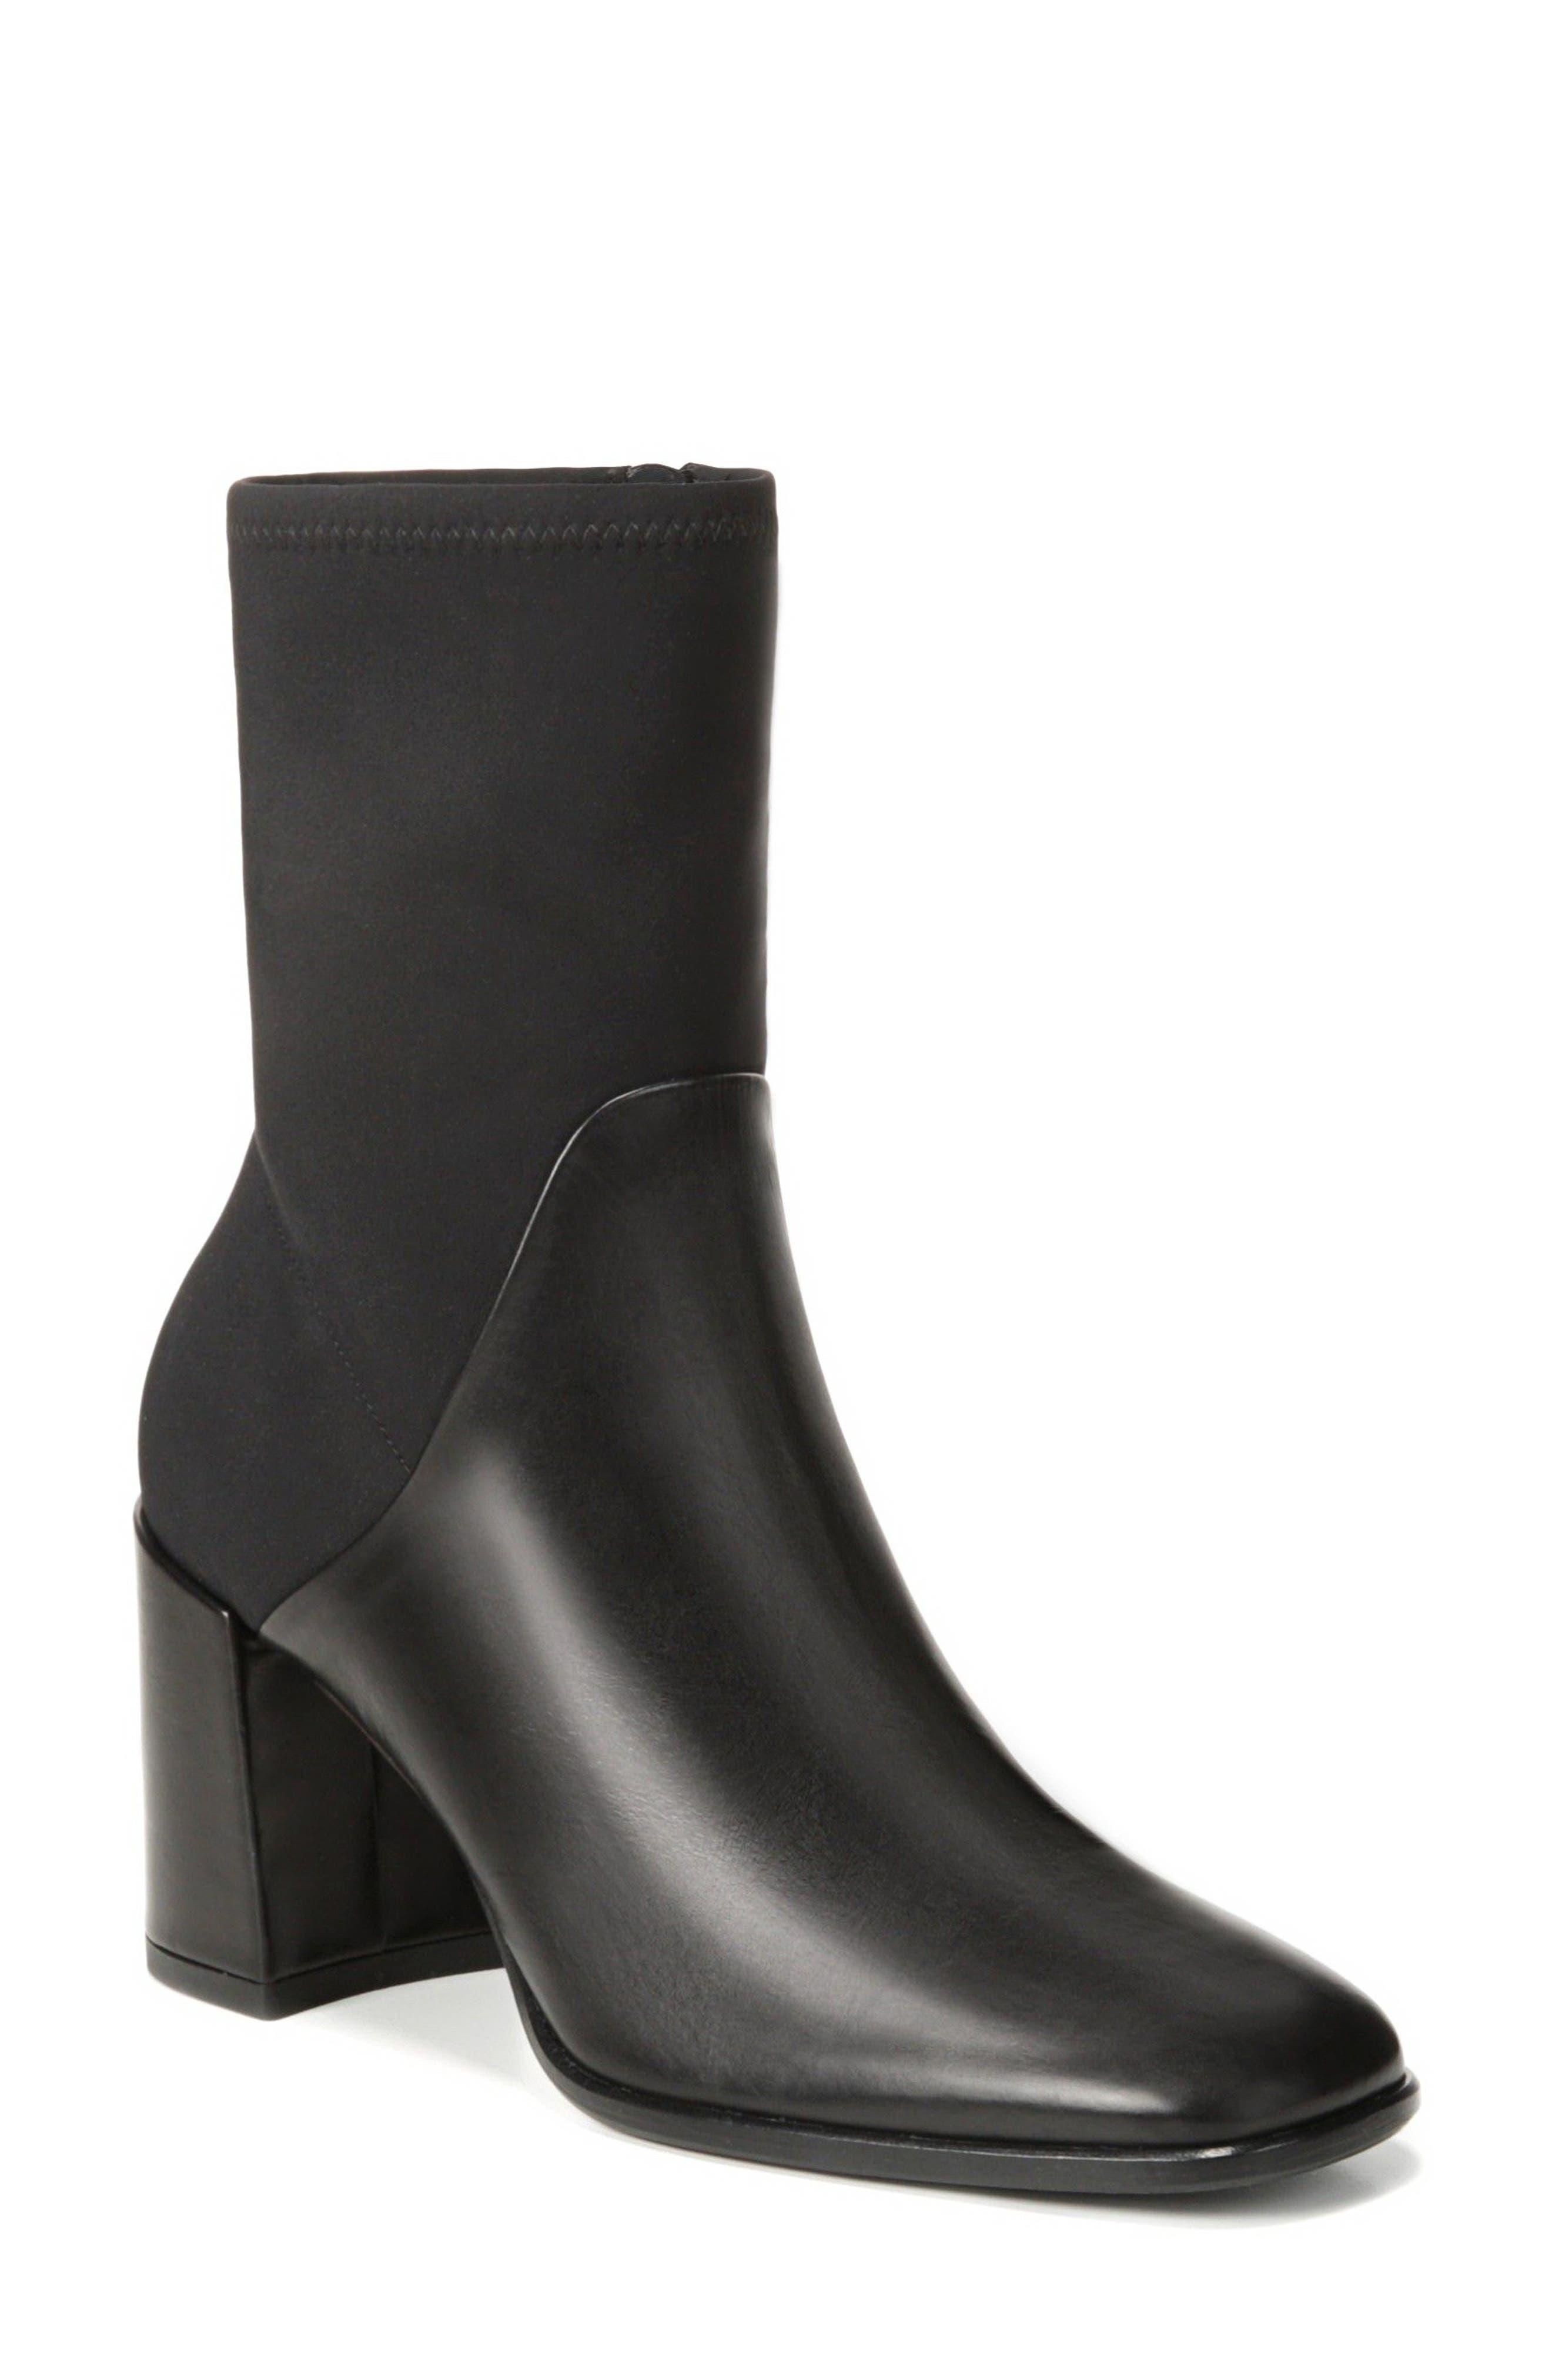 Alternate Image 1 Selected - Via Spiga Devon Boot (Women)